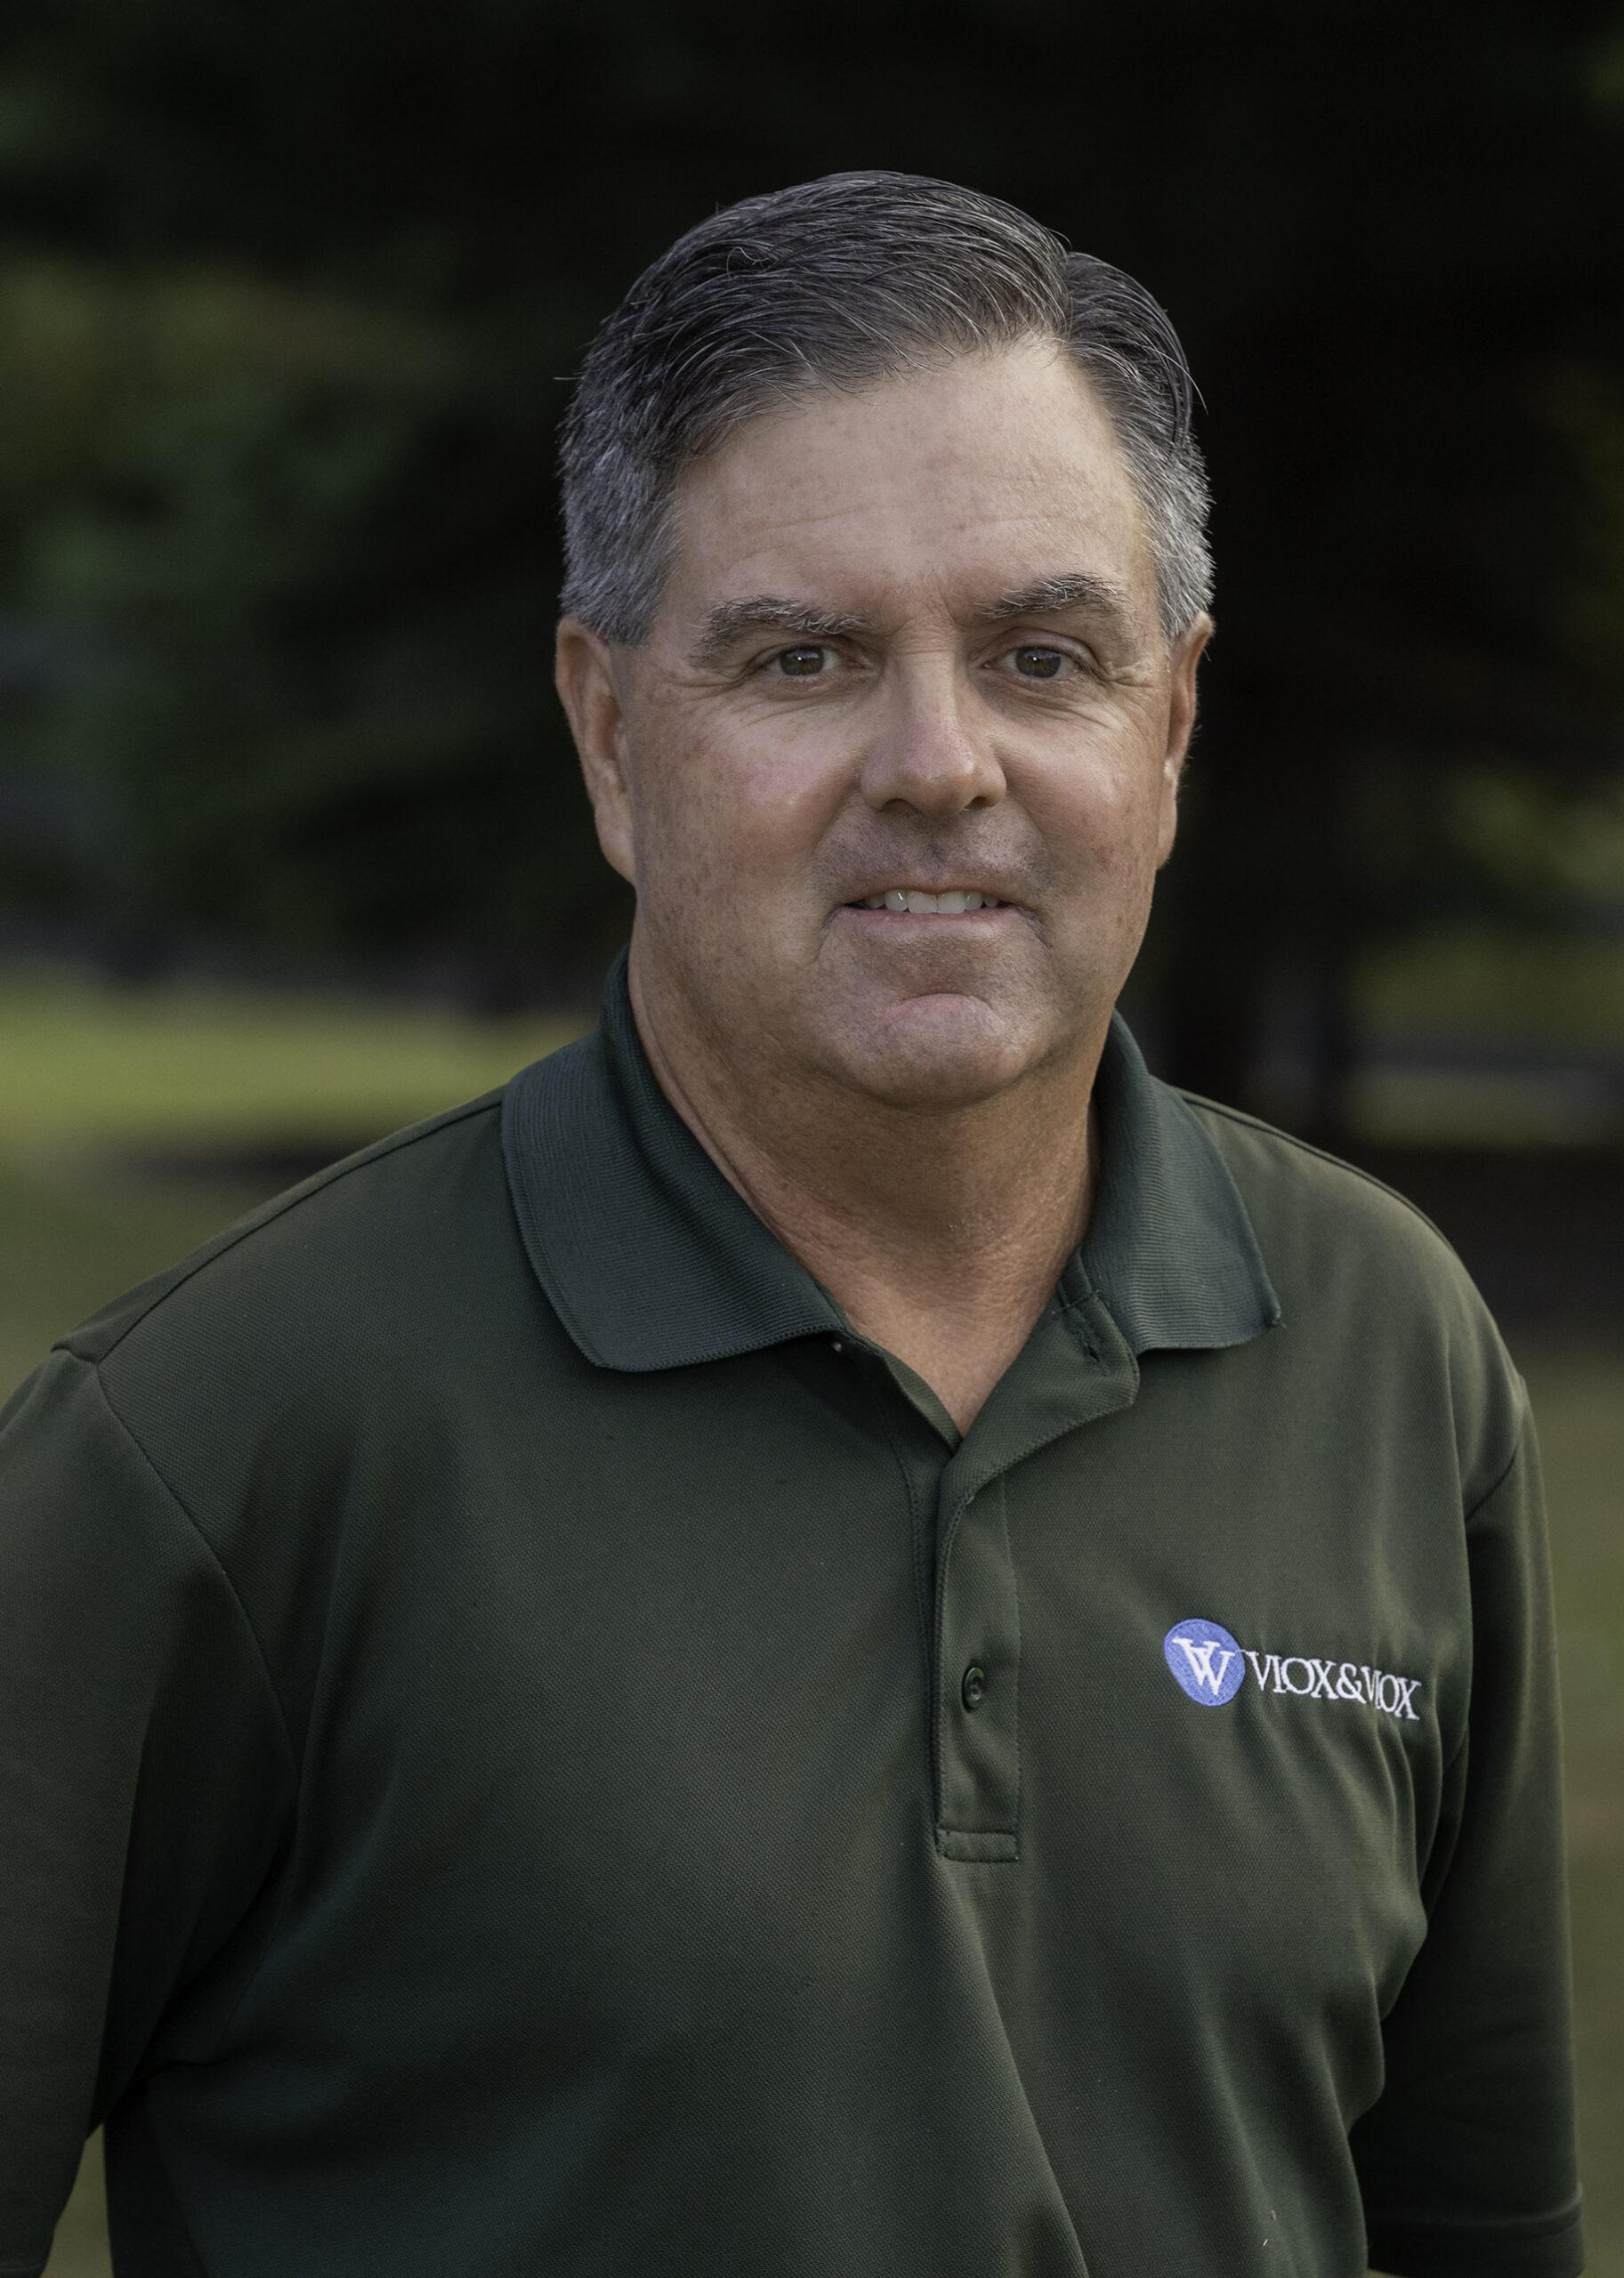 Jimmy Viox : Field Technician